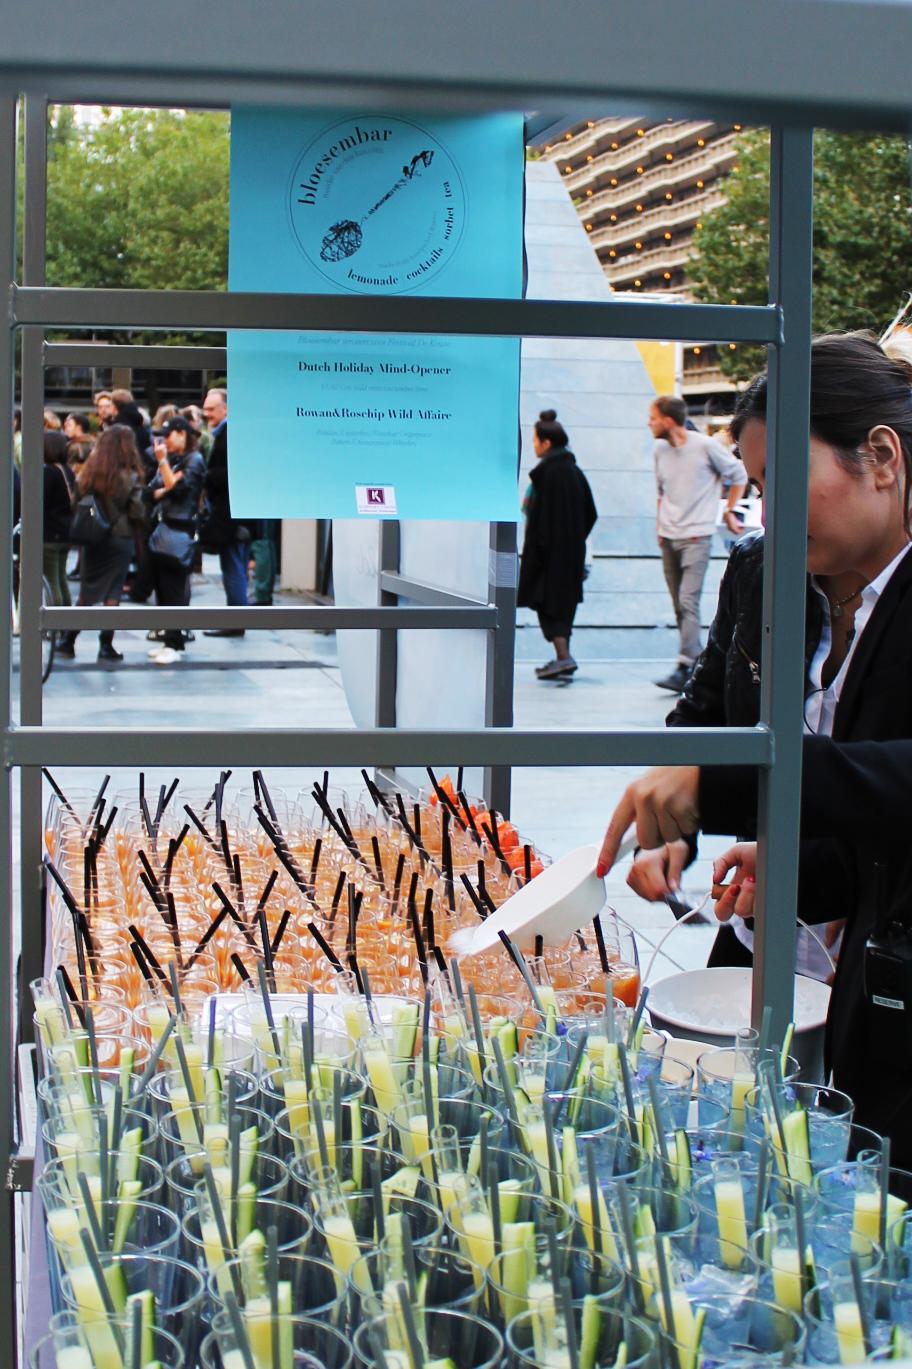 De Keuze-Overzicht en poster.jpg